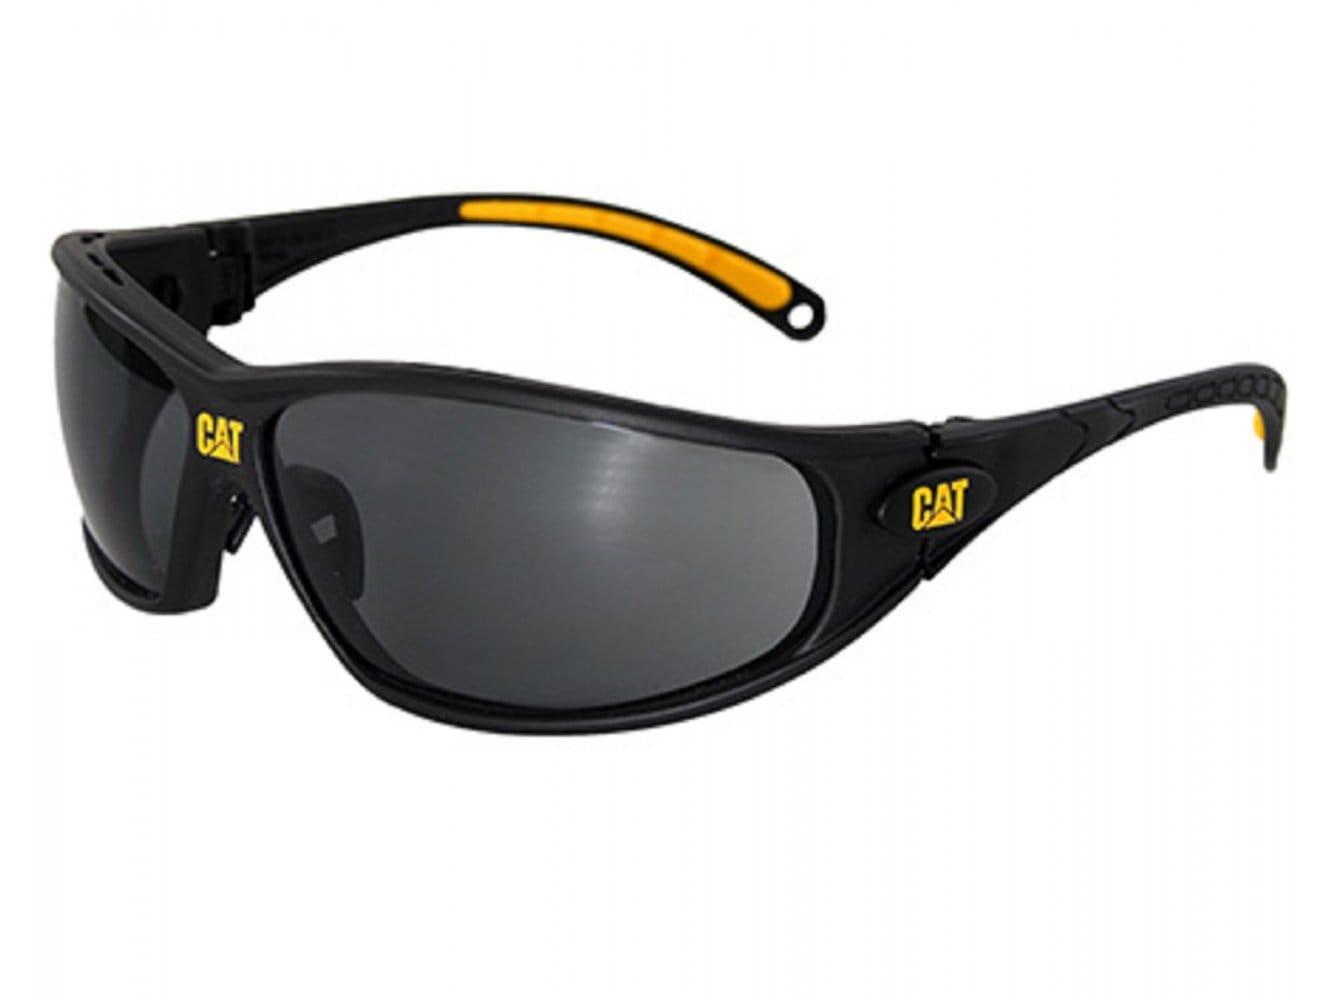 Comfy Safety Glasses